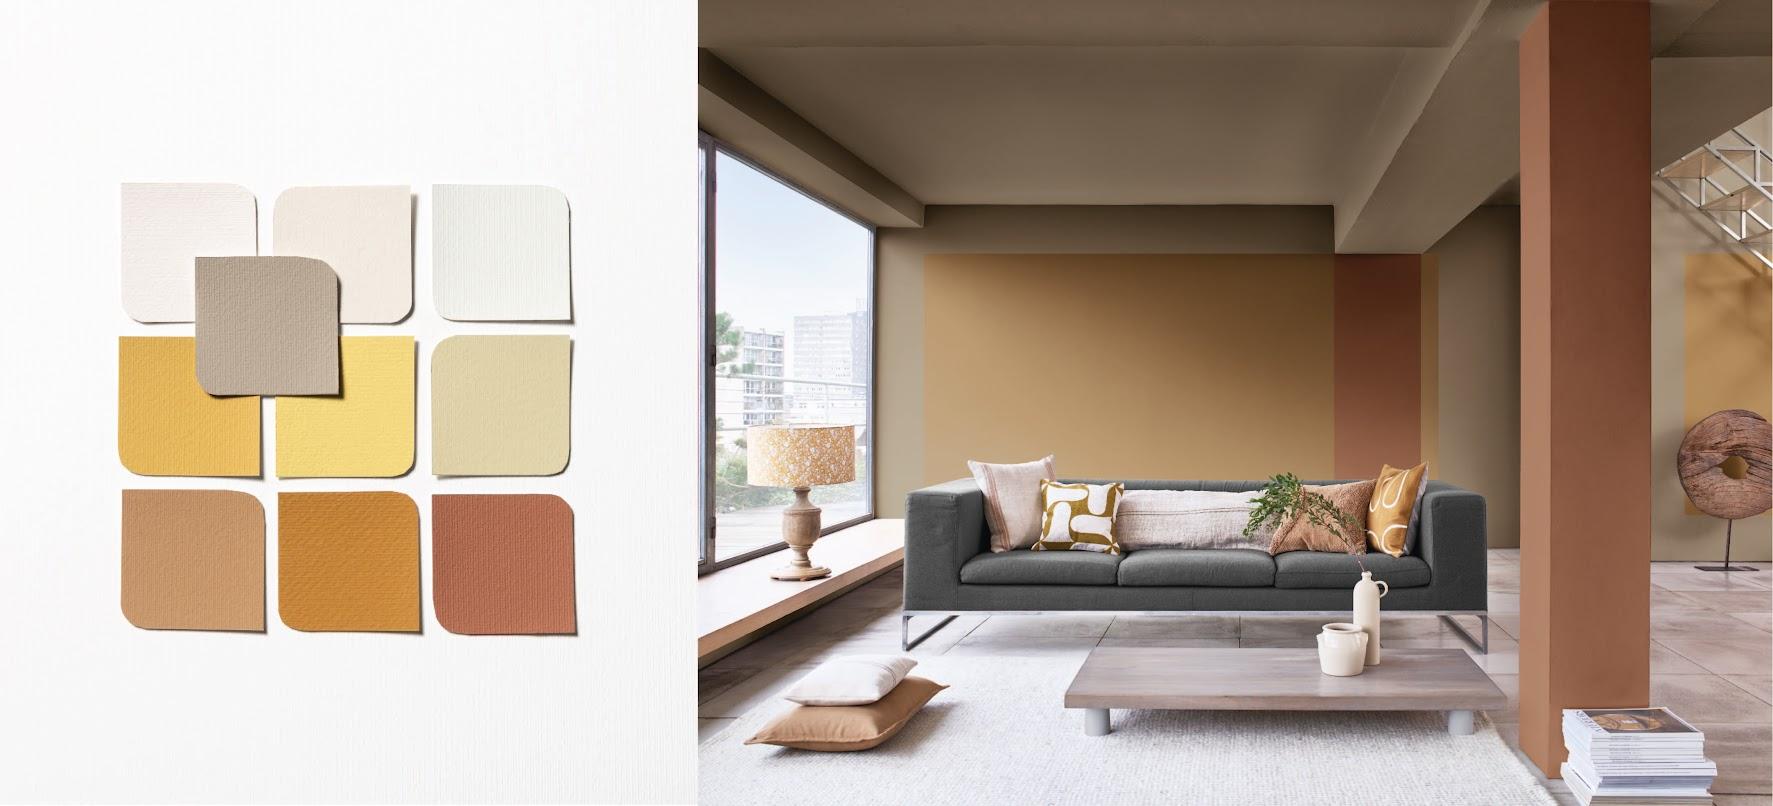 Một thiết kế phòng khách đơn giản mà tinh tế khi sử dụng bảng màu Kinh điển. Các sắc độ gợi sự cổ điển mà vẫn rất đương đại và Nâu Quả Cảm chính là điểm kết nối làm nên sự hài hòa đó.